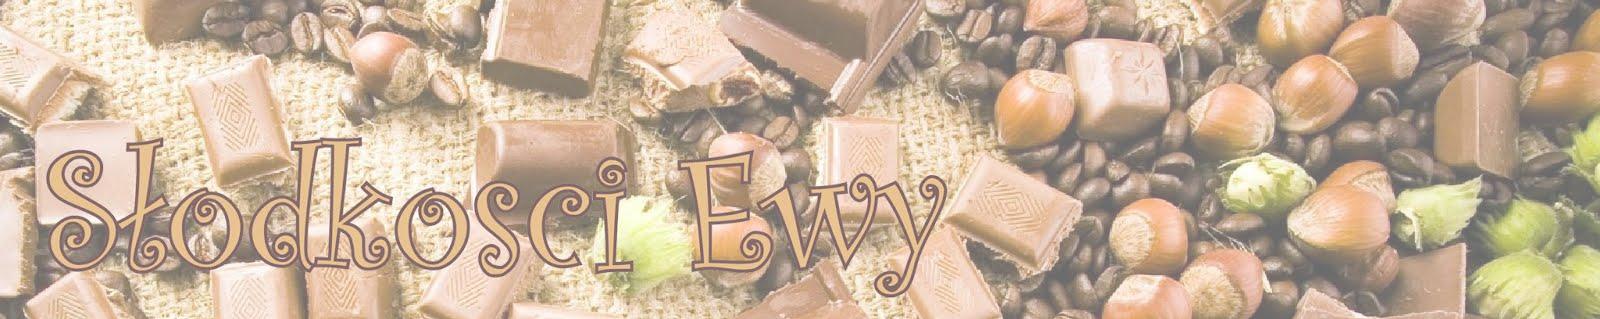 Słodkości Ewy